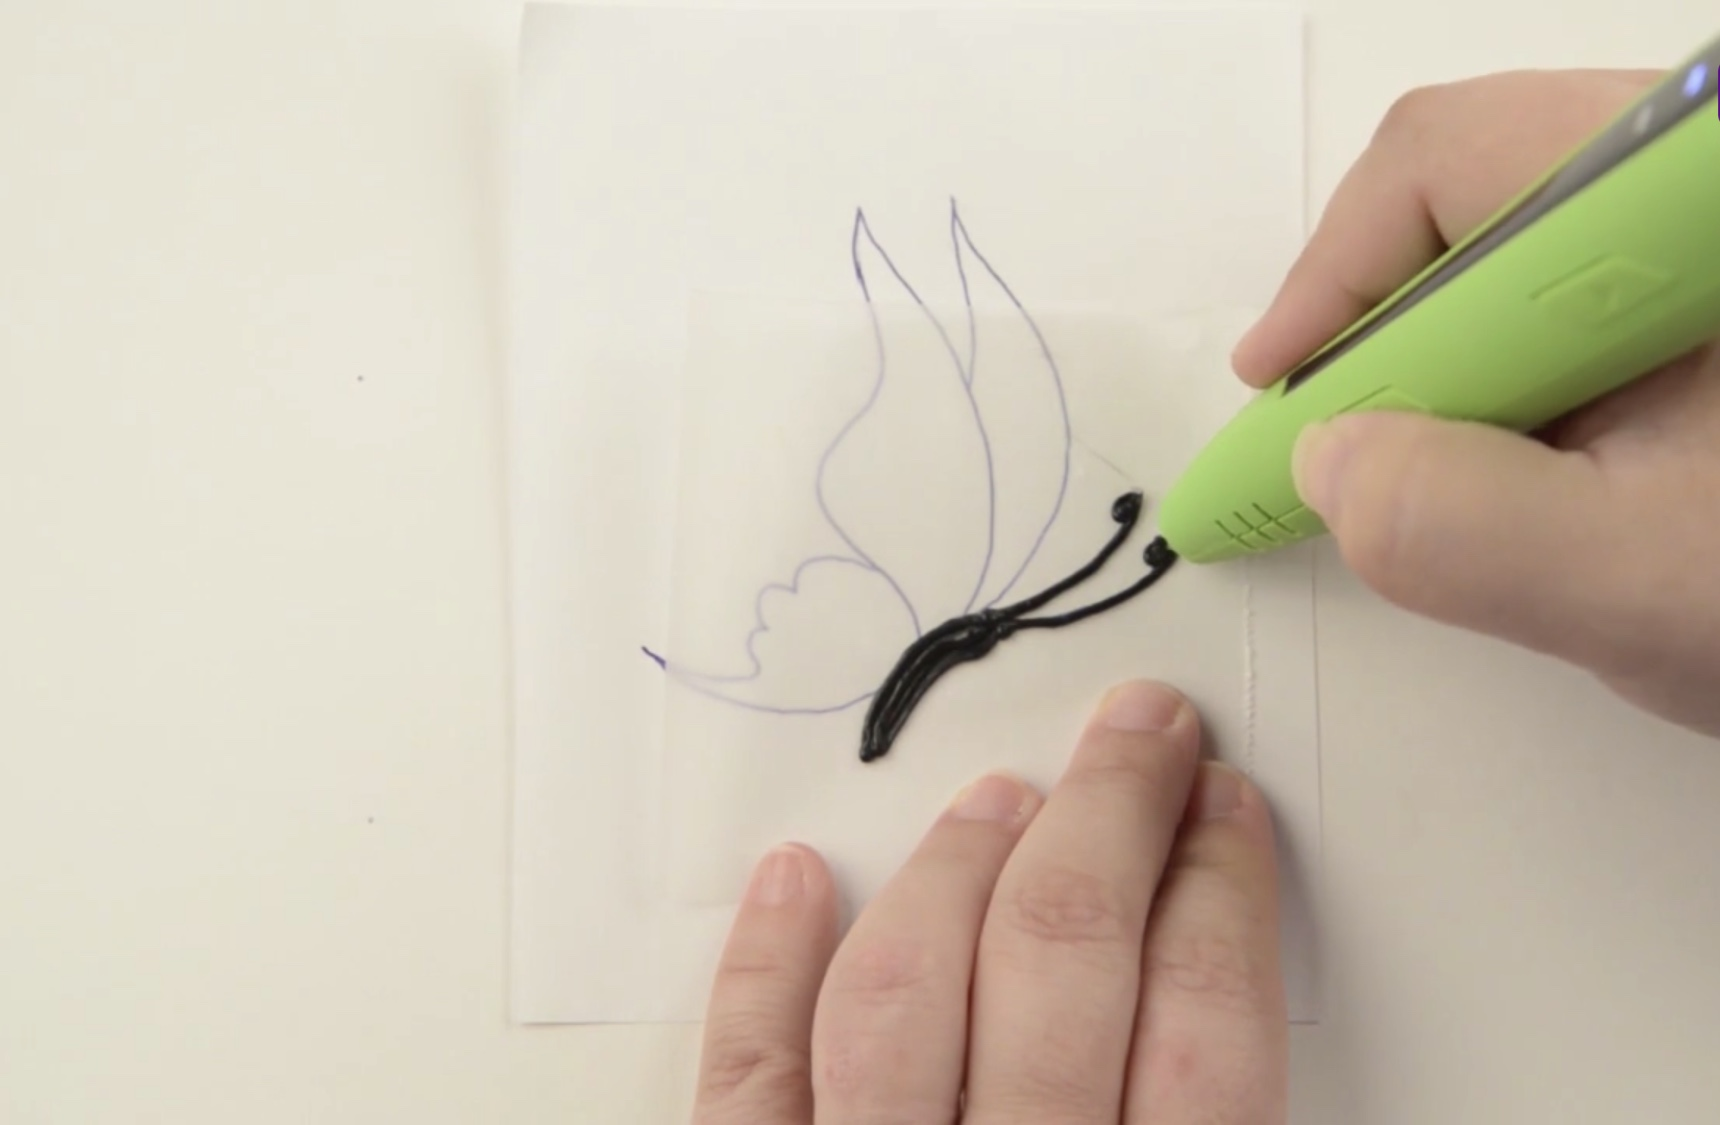 3d pen, 3d printing, 3d art, summer camp, inventors